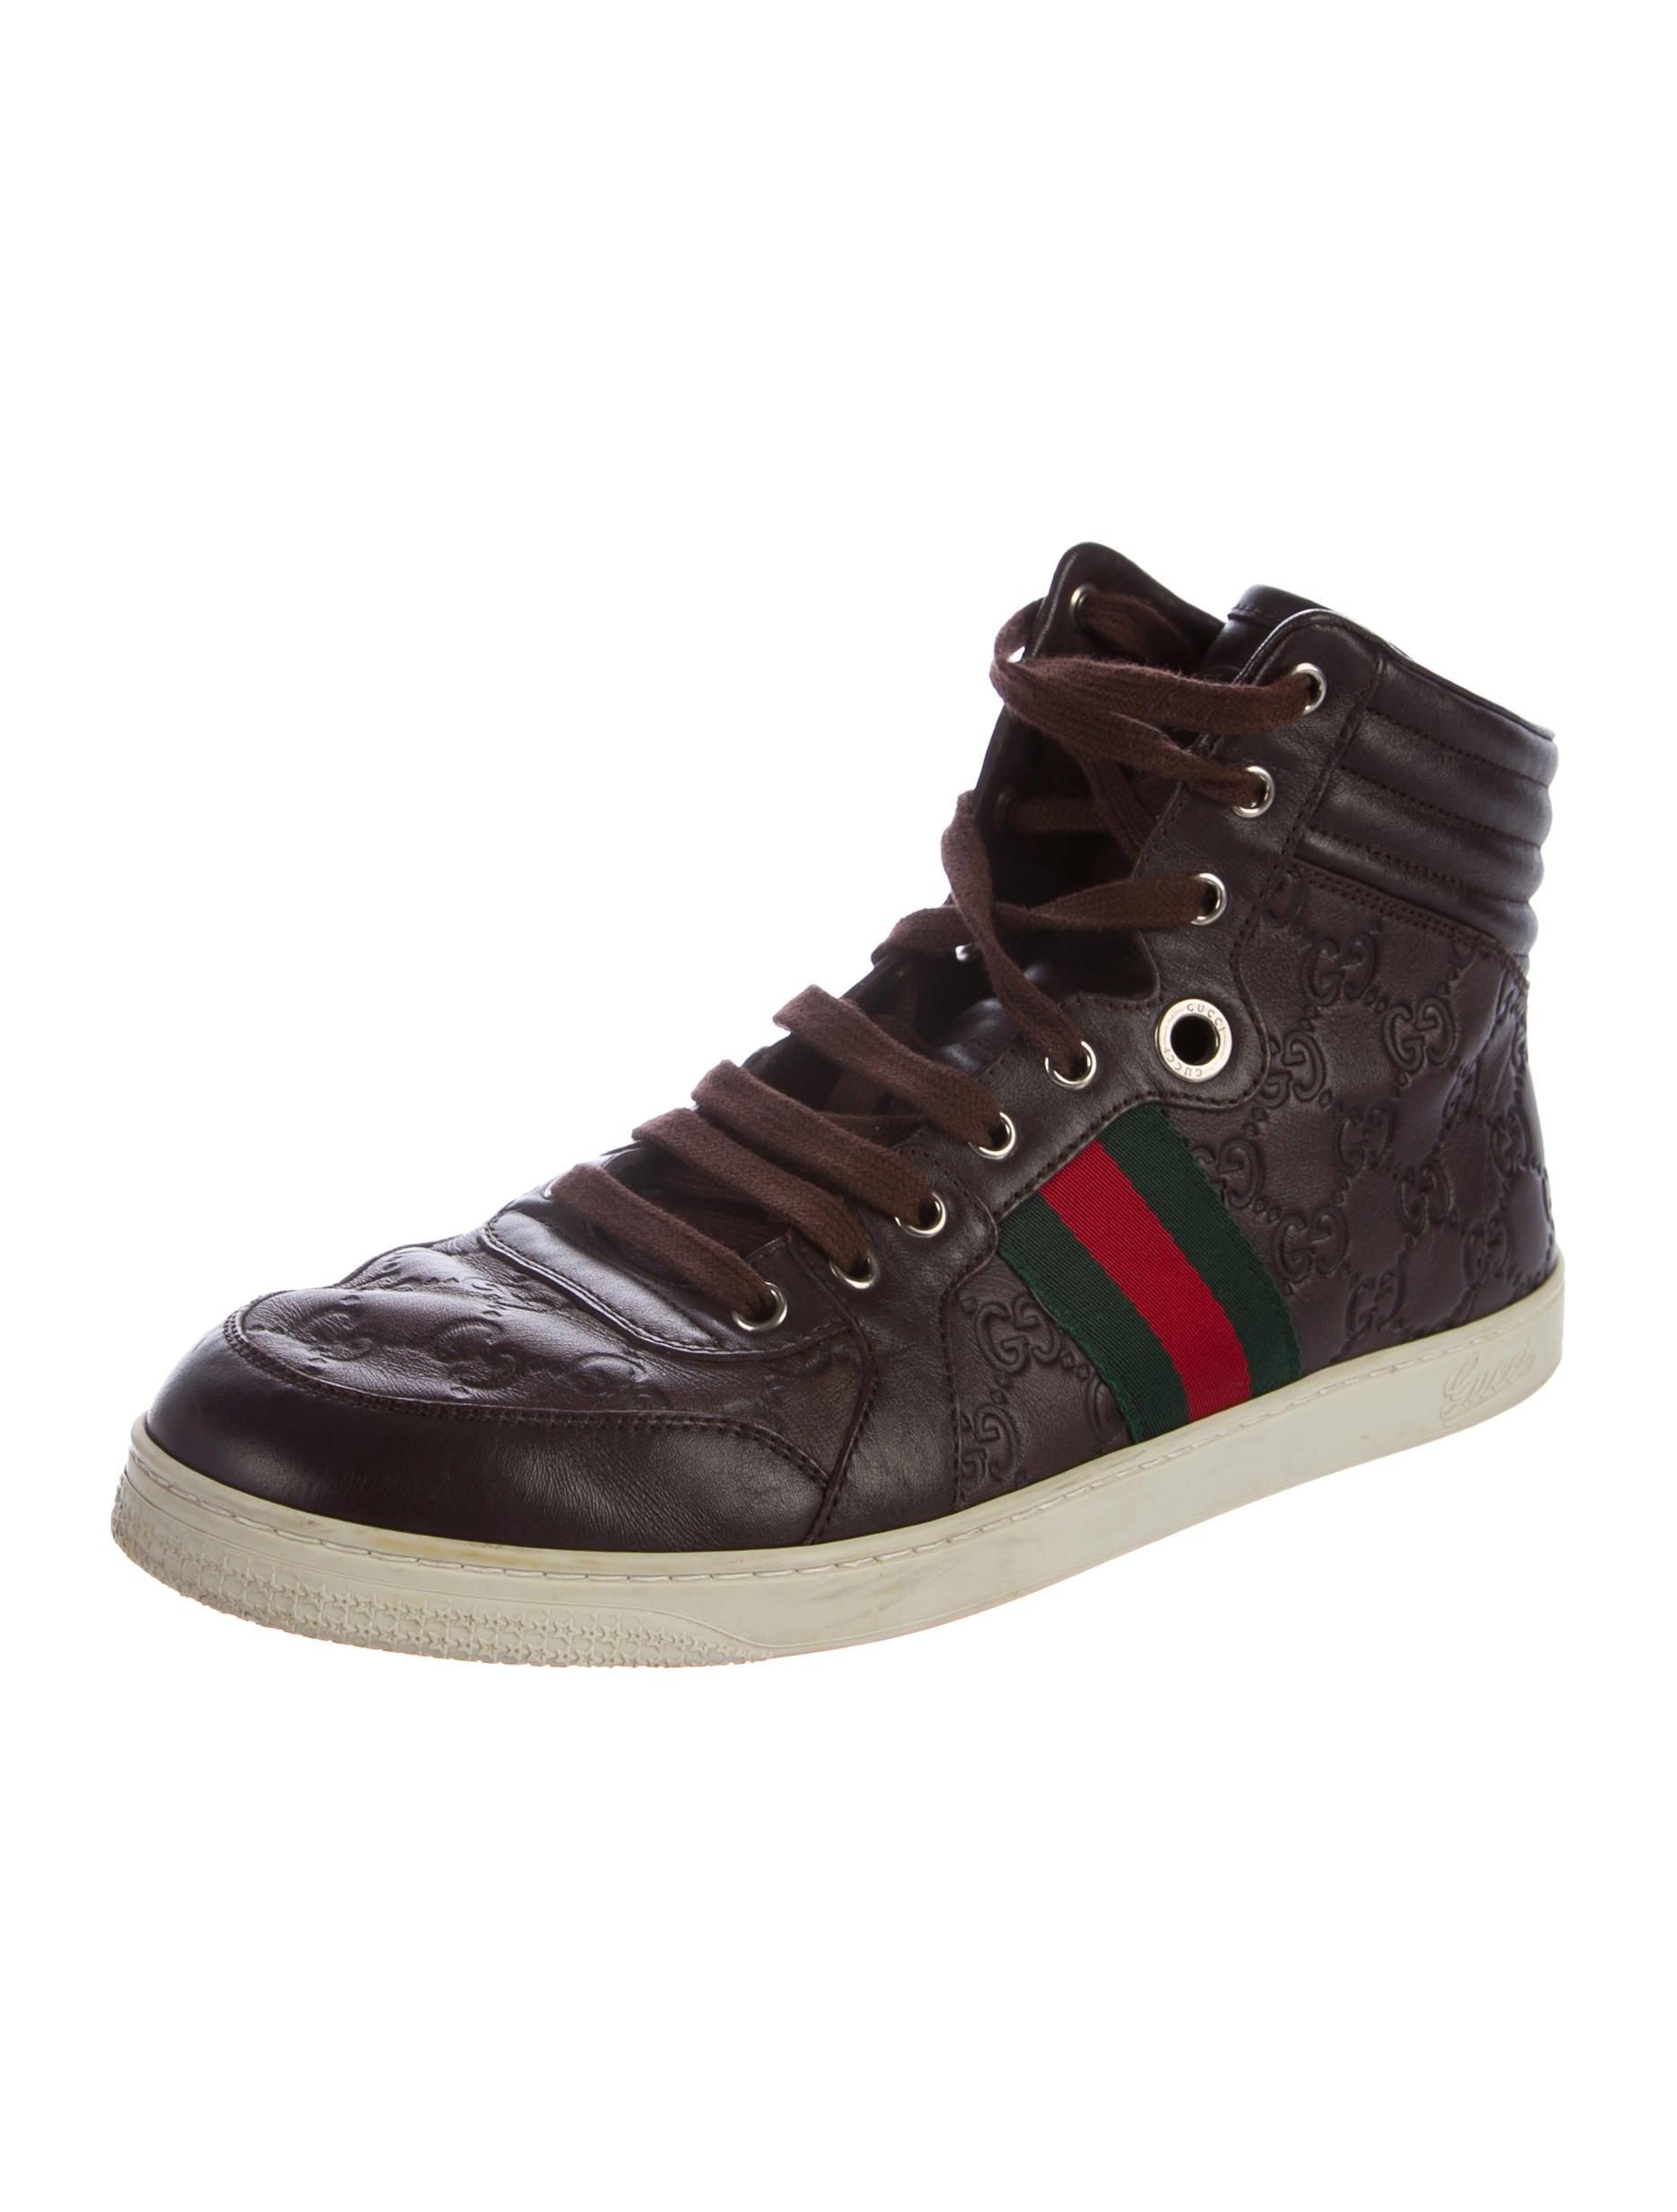 gucci leather guccissima sneakers